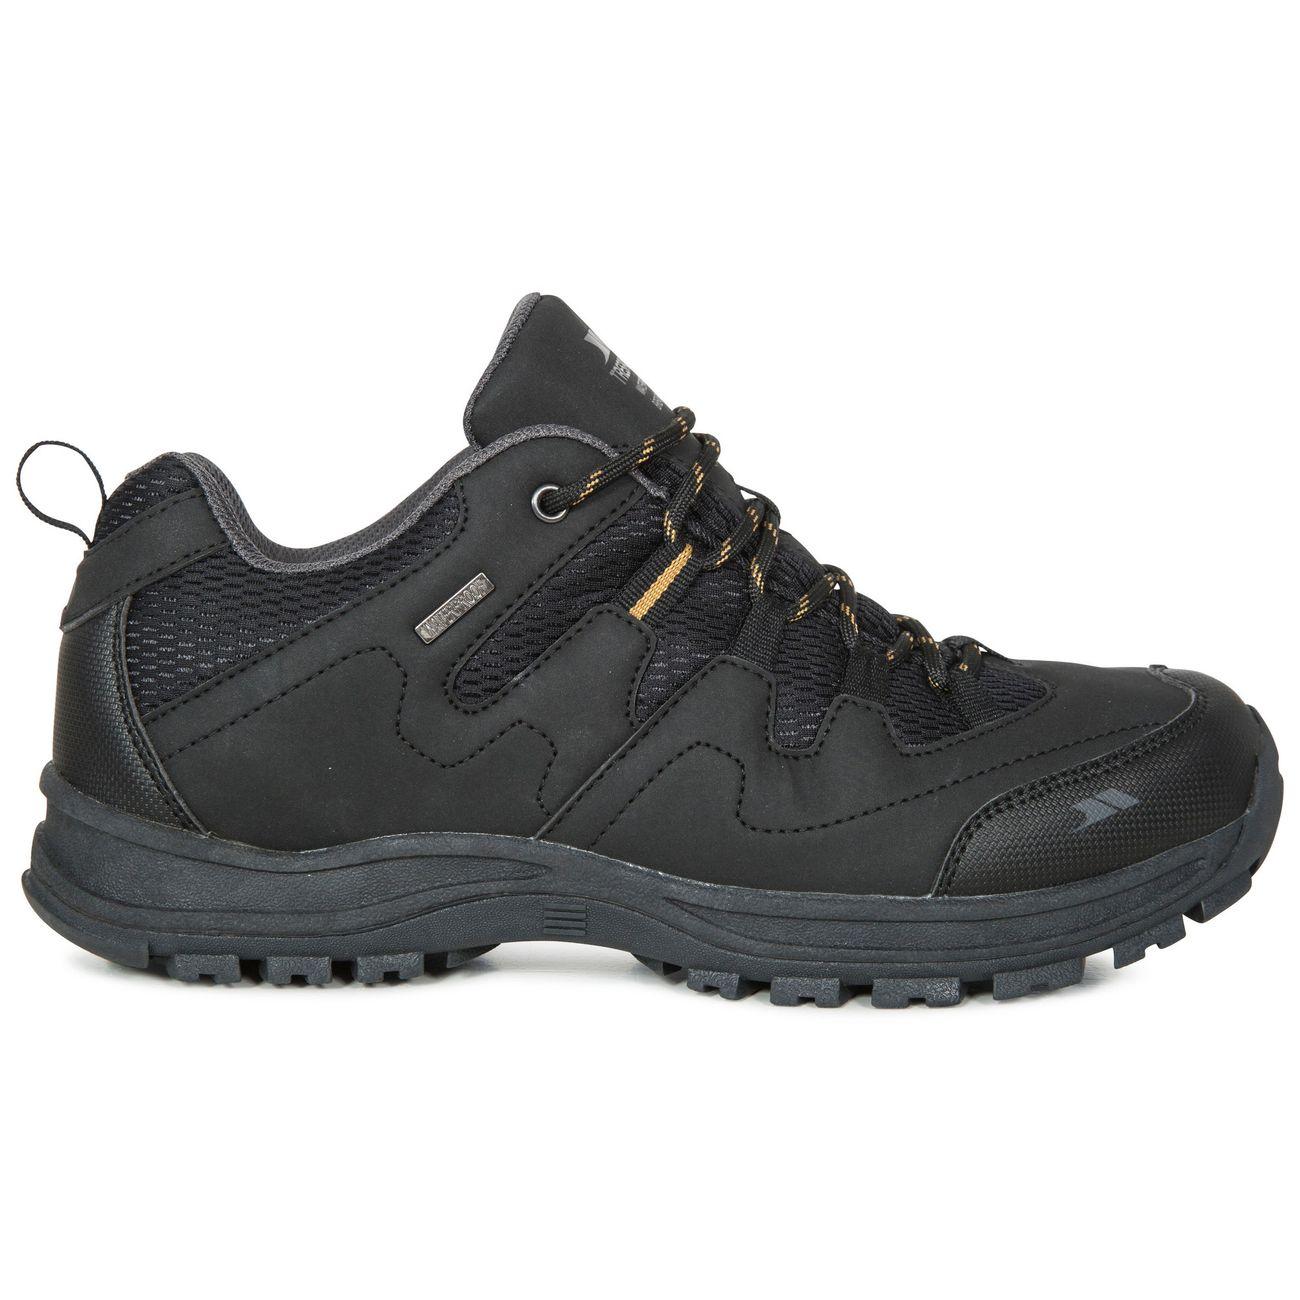 Randonnée homme TRESPASS Chaussures de randonnée FINLEY   Homme